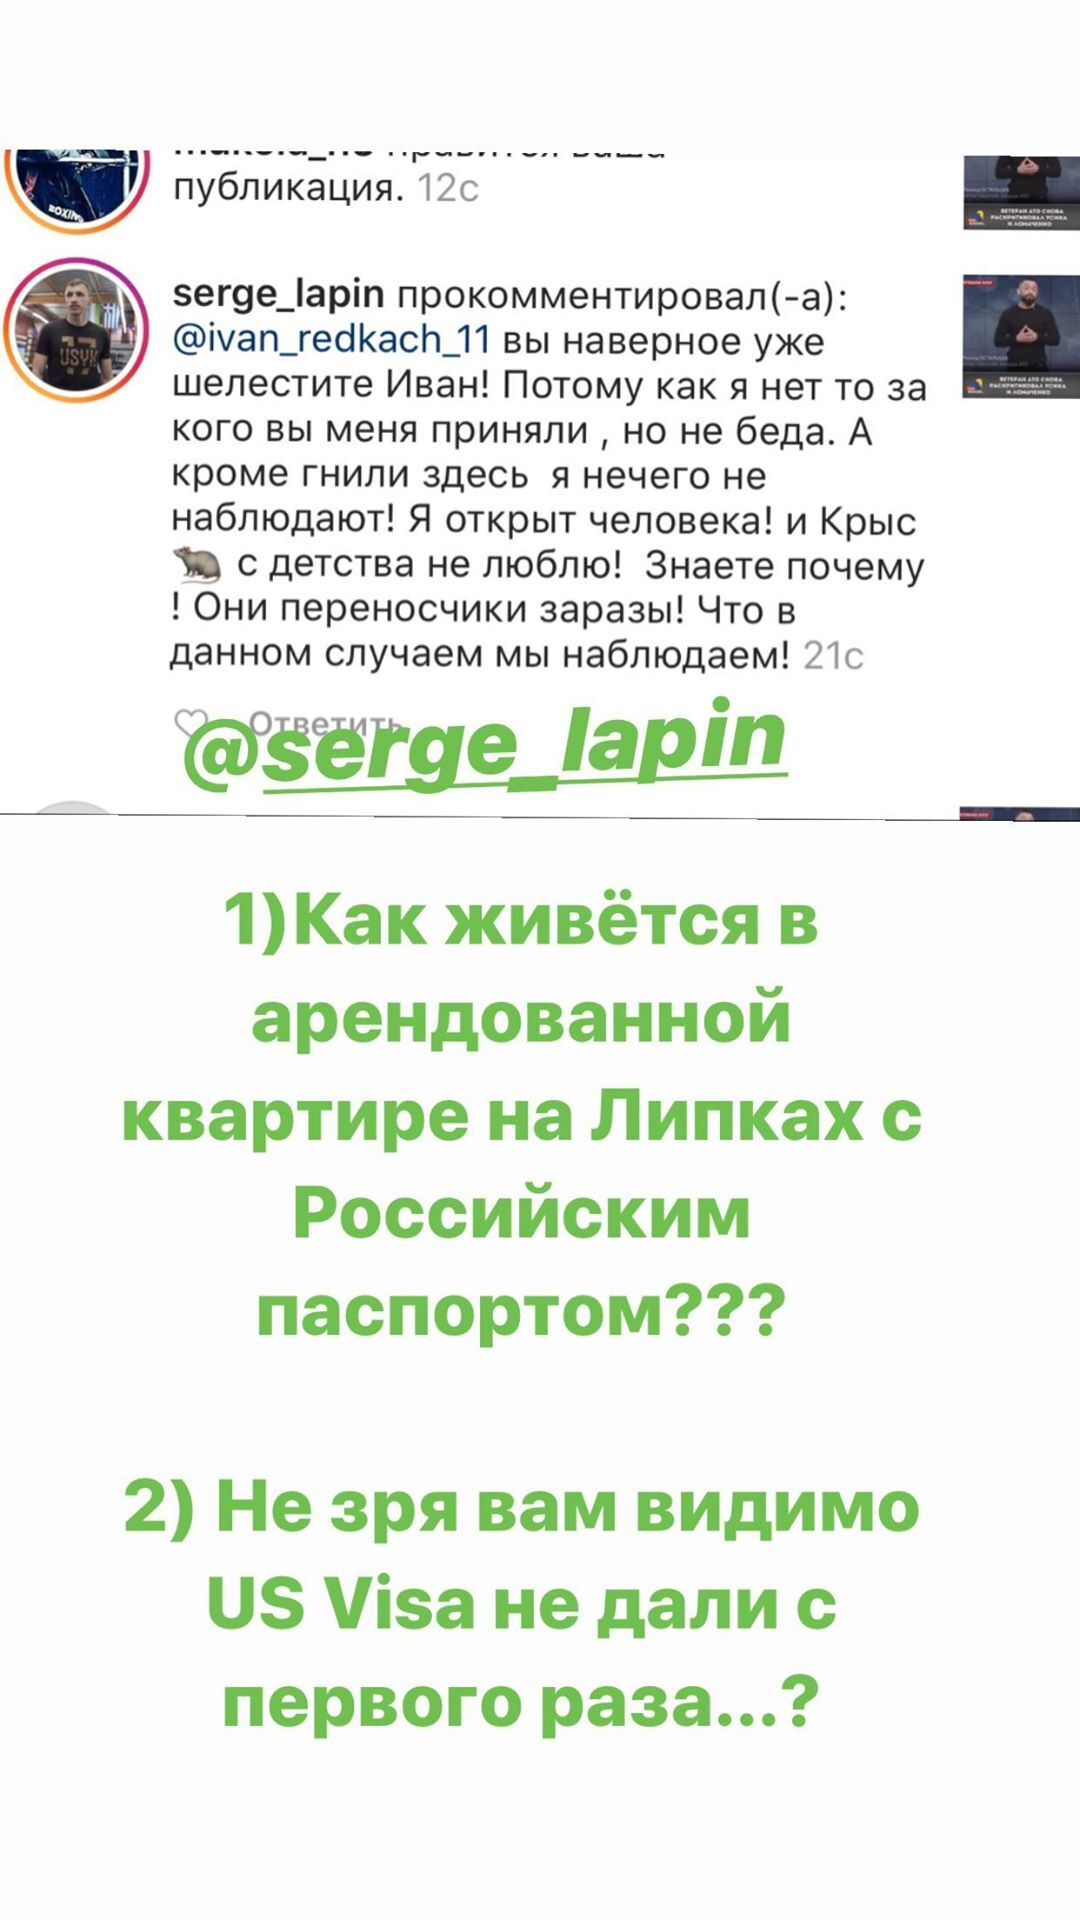 Тренер Усика попал в скандал с российским паспортом